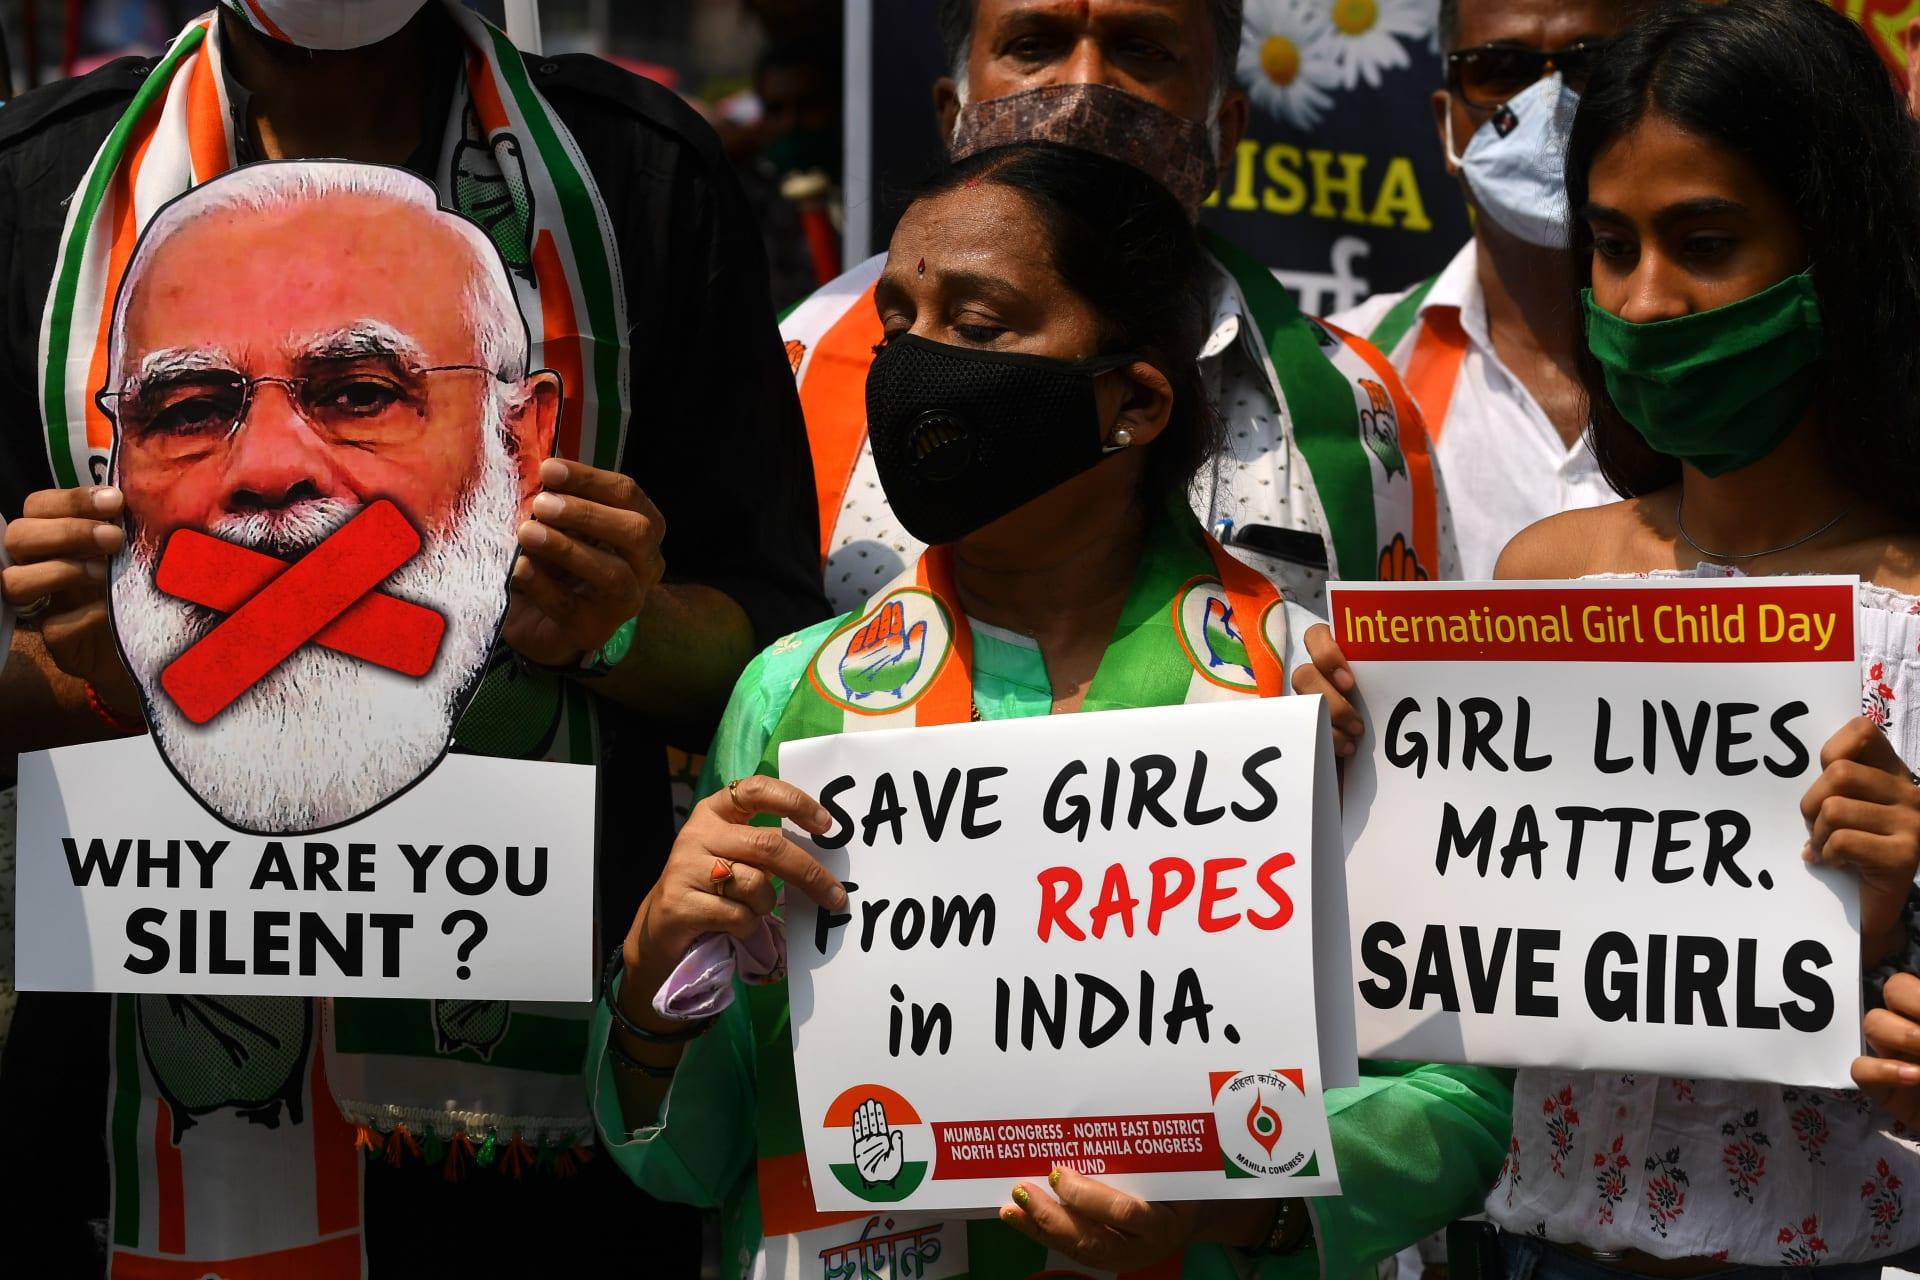 صورة أرشيفية من احتجاجات ضد جرائم الاغتصاب في الهند